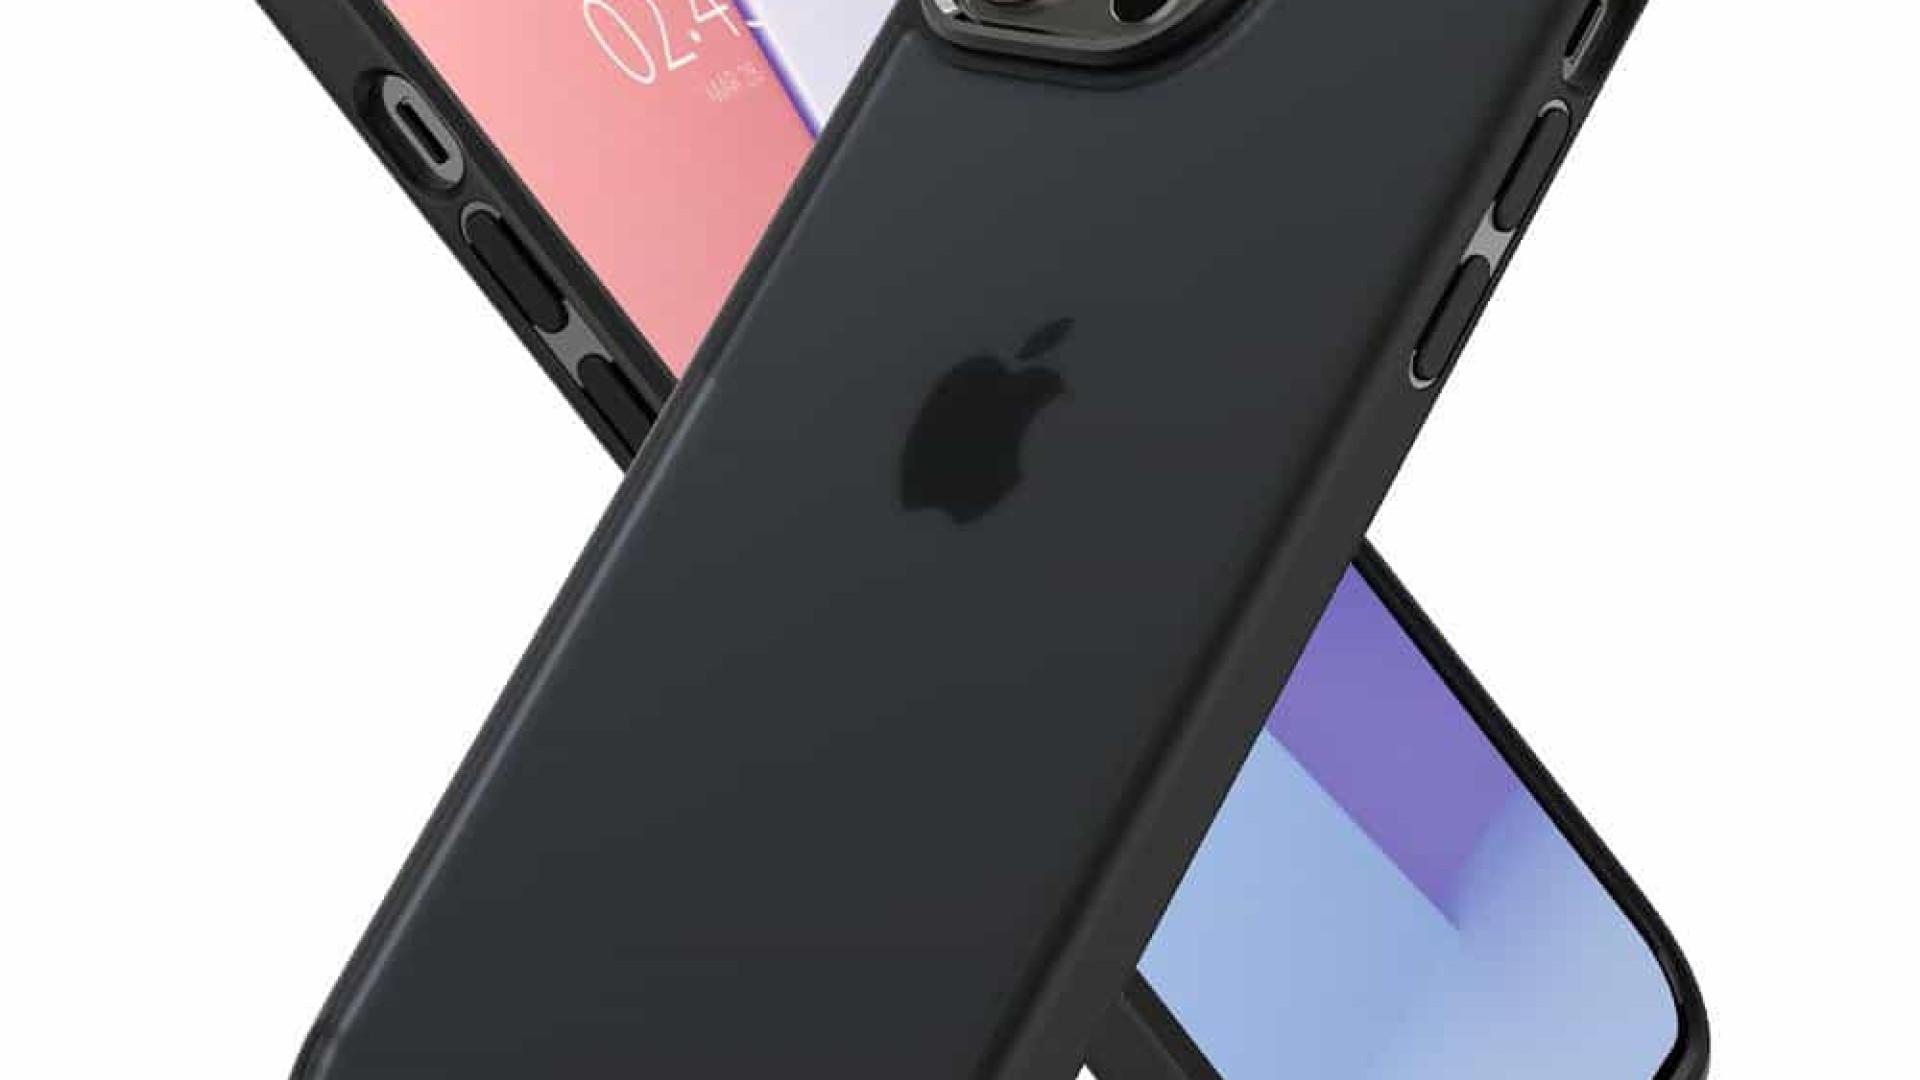 Imagens vazadas do novo iPhone circulam na web